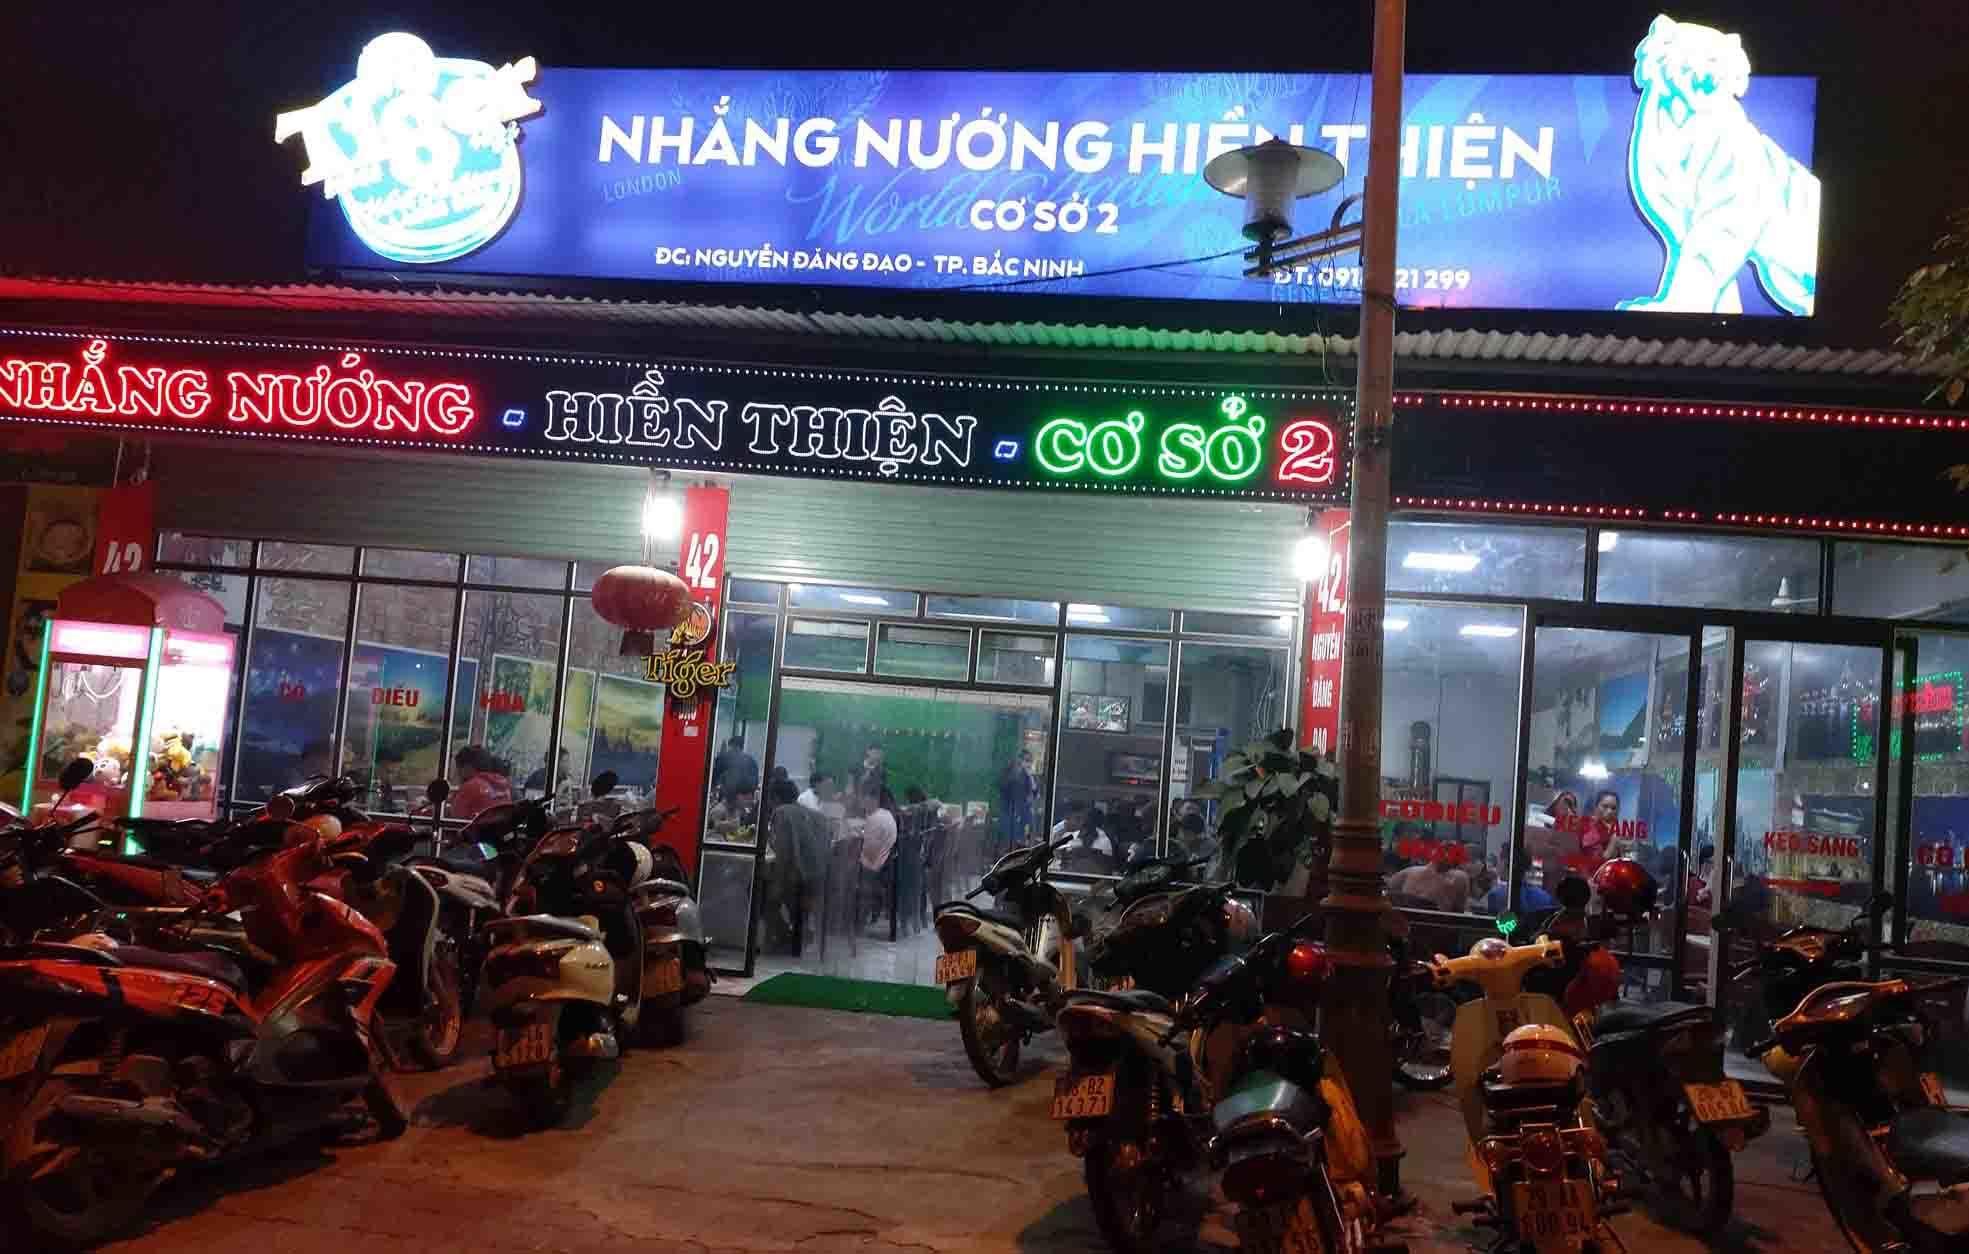 Công an vào cuộc việc cô gái bị chủ quán bắt quỳ lạy ở Bắc Ninh